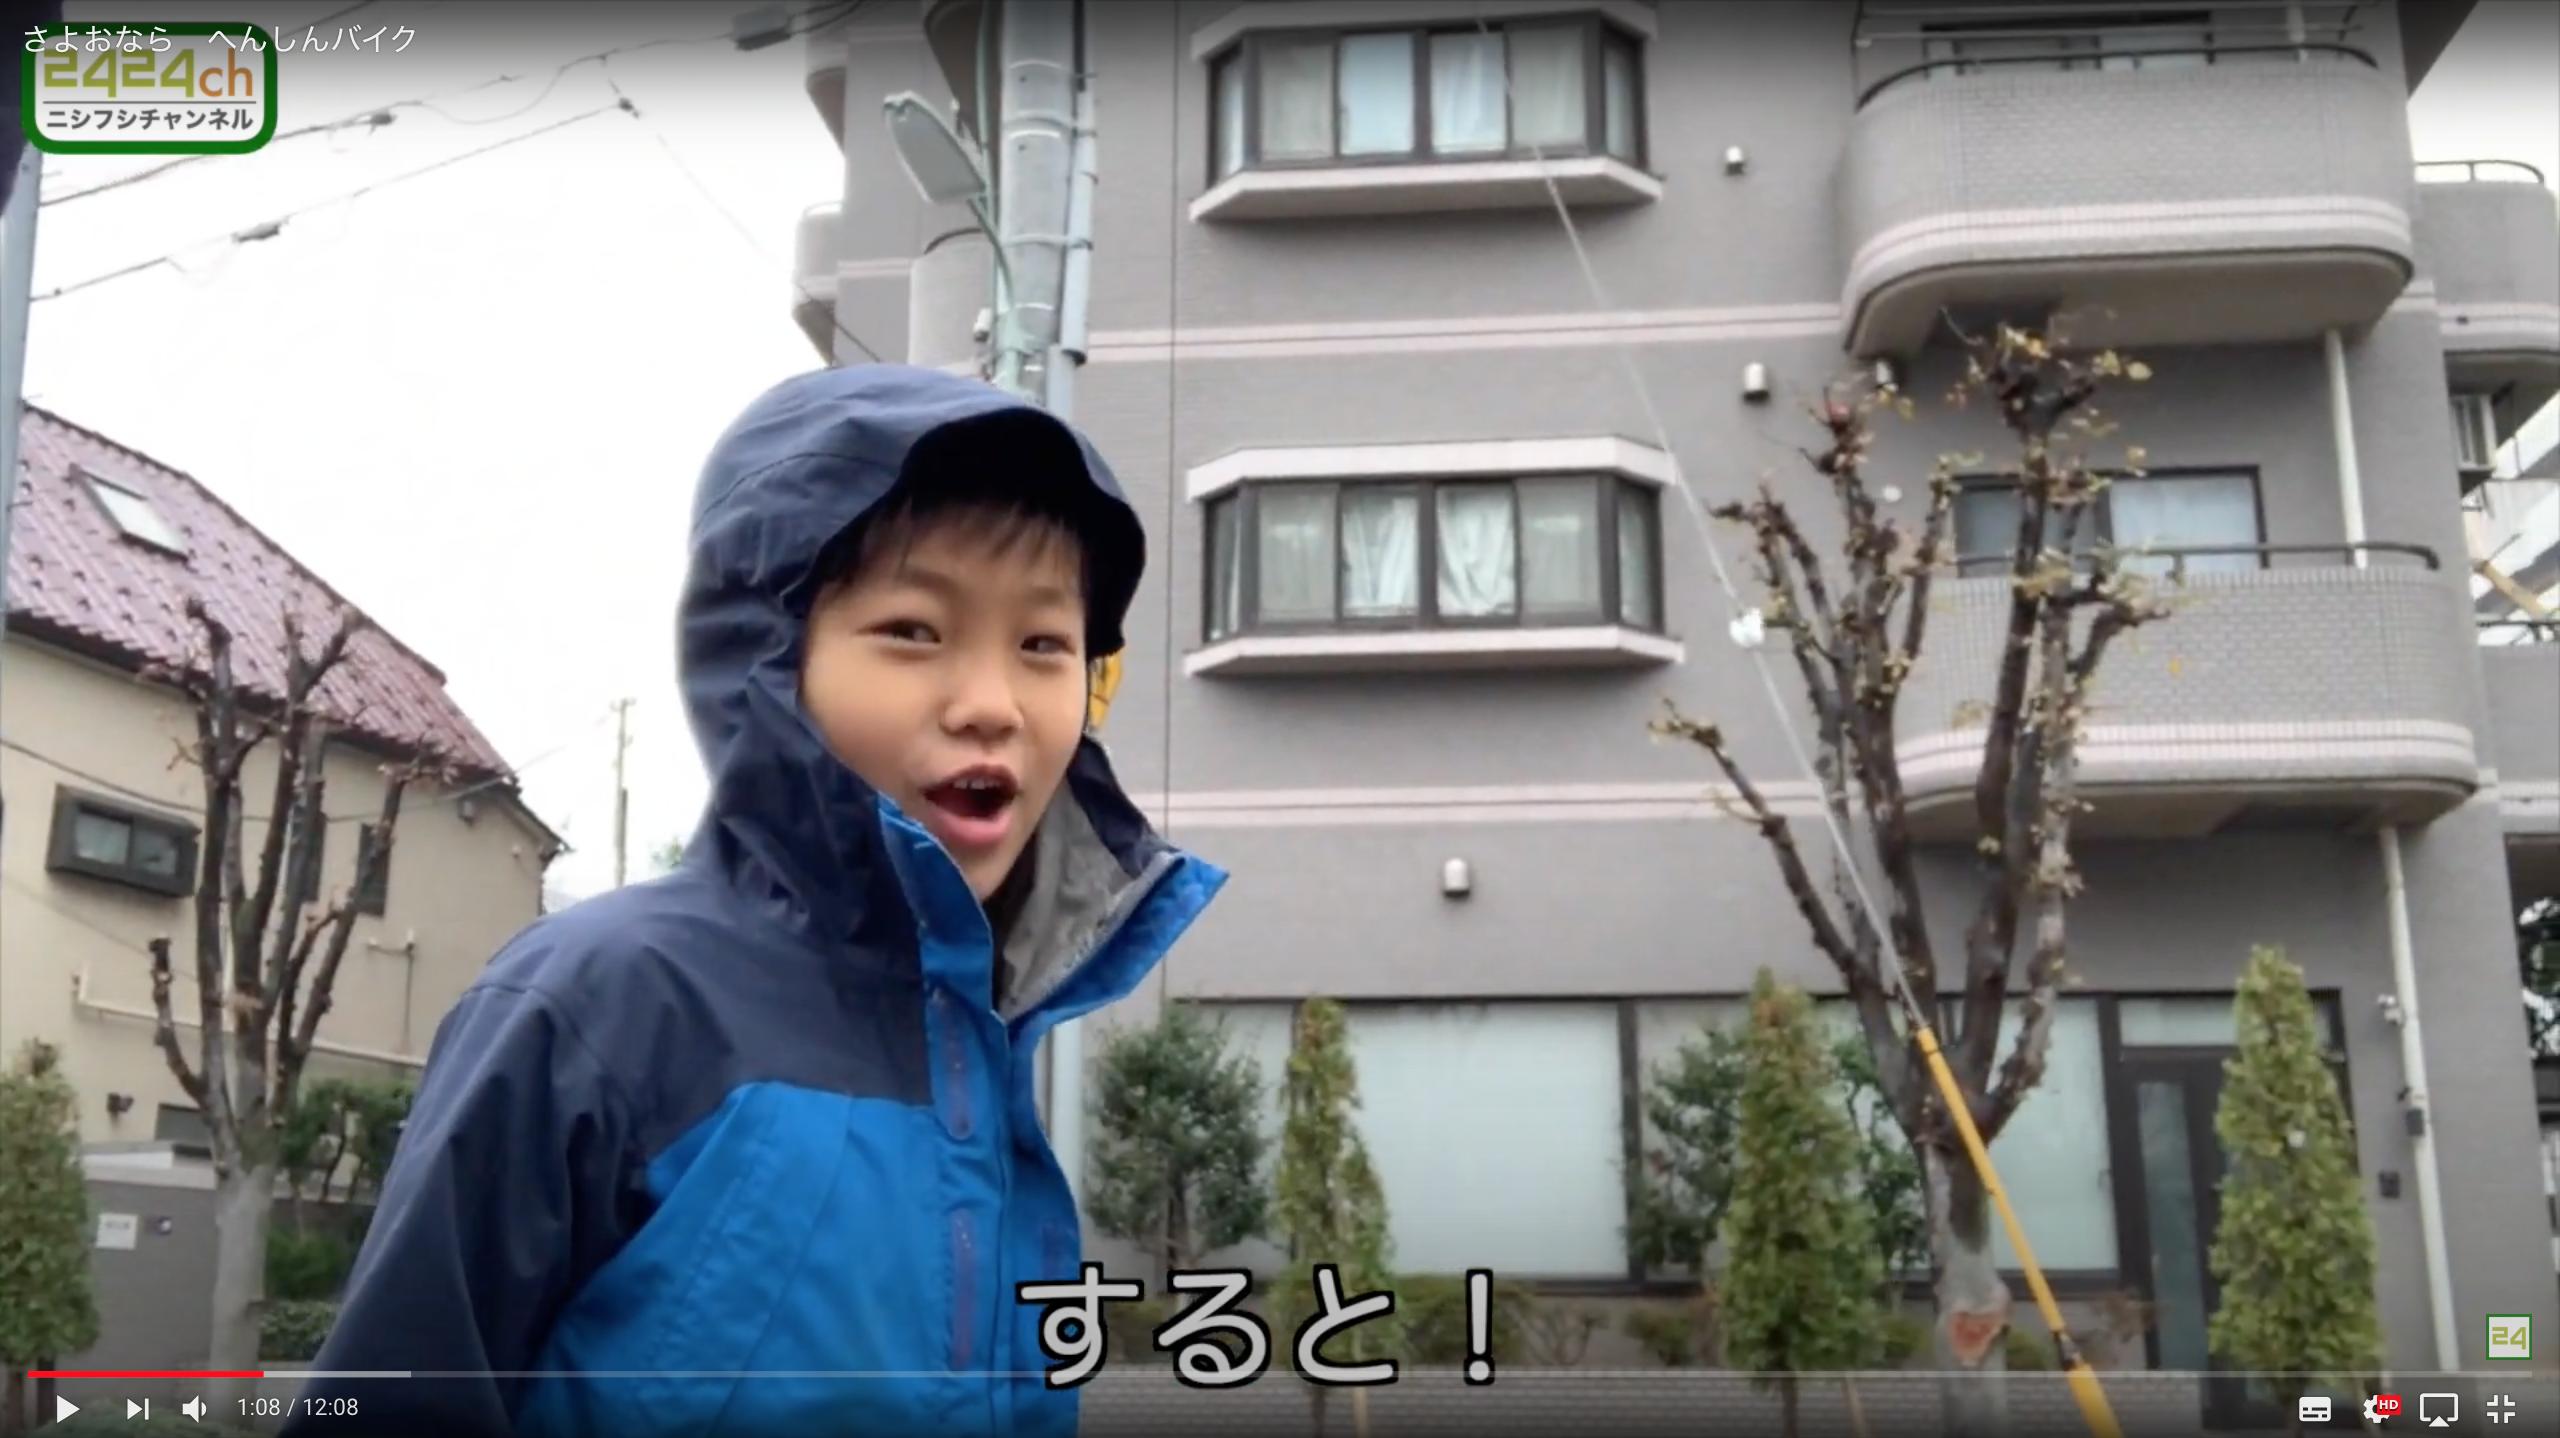 新型コロナな日々59(youtubeチャンネル本格始動)